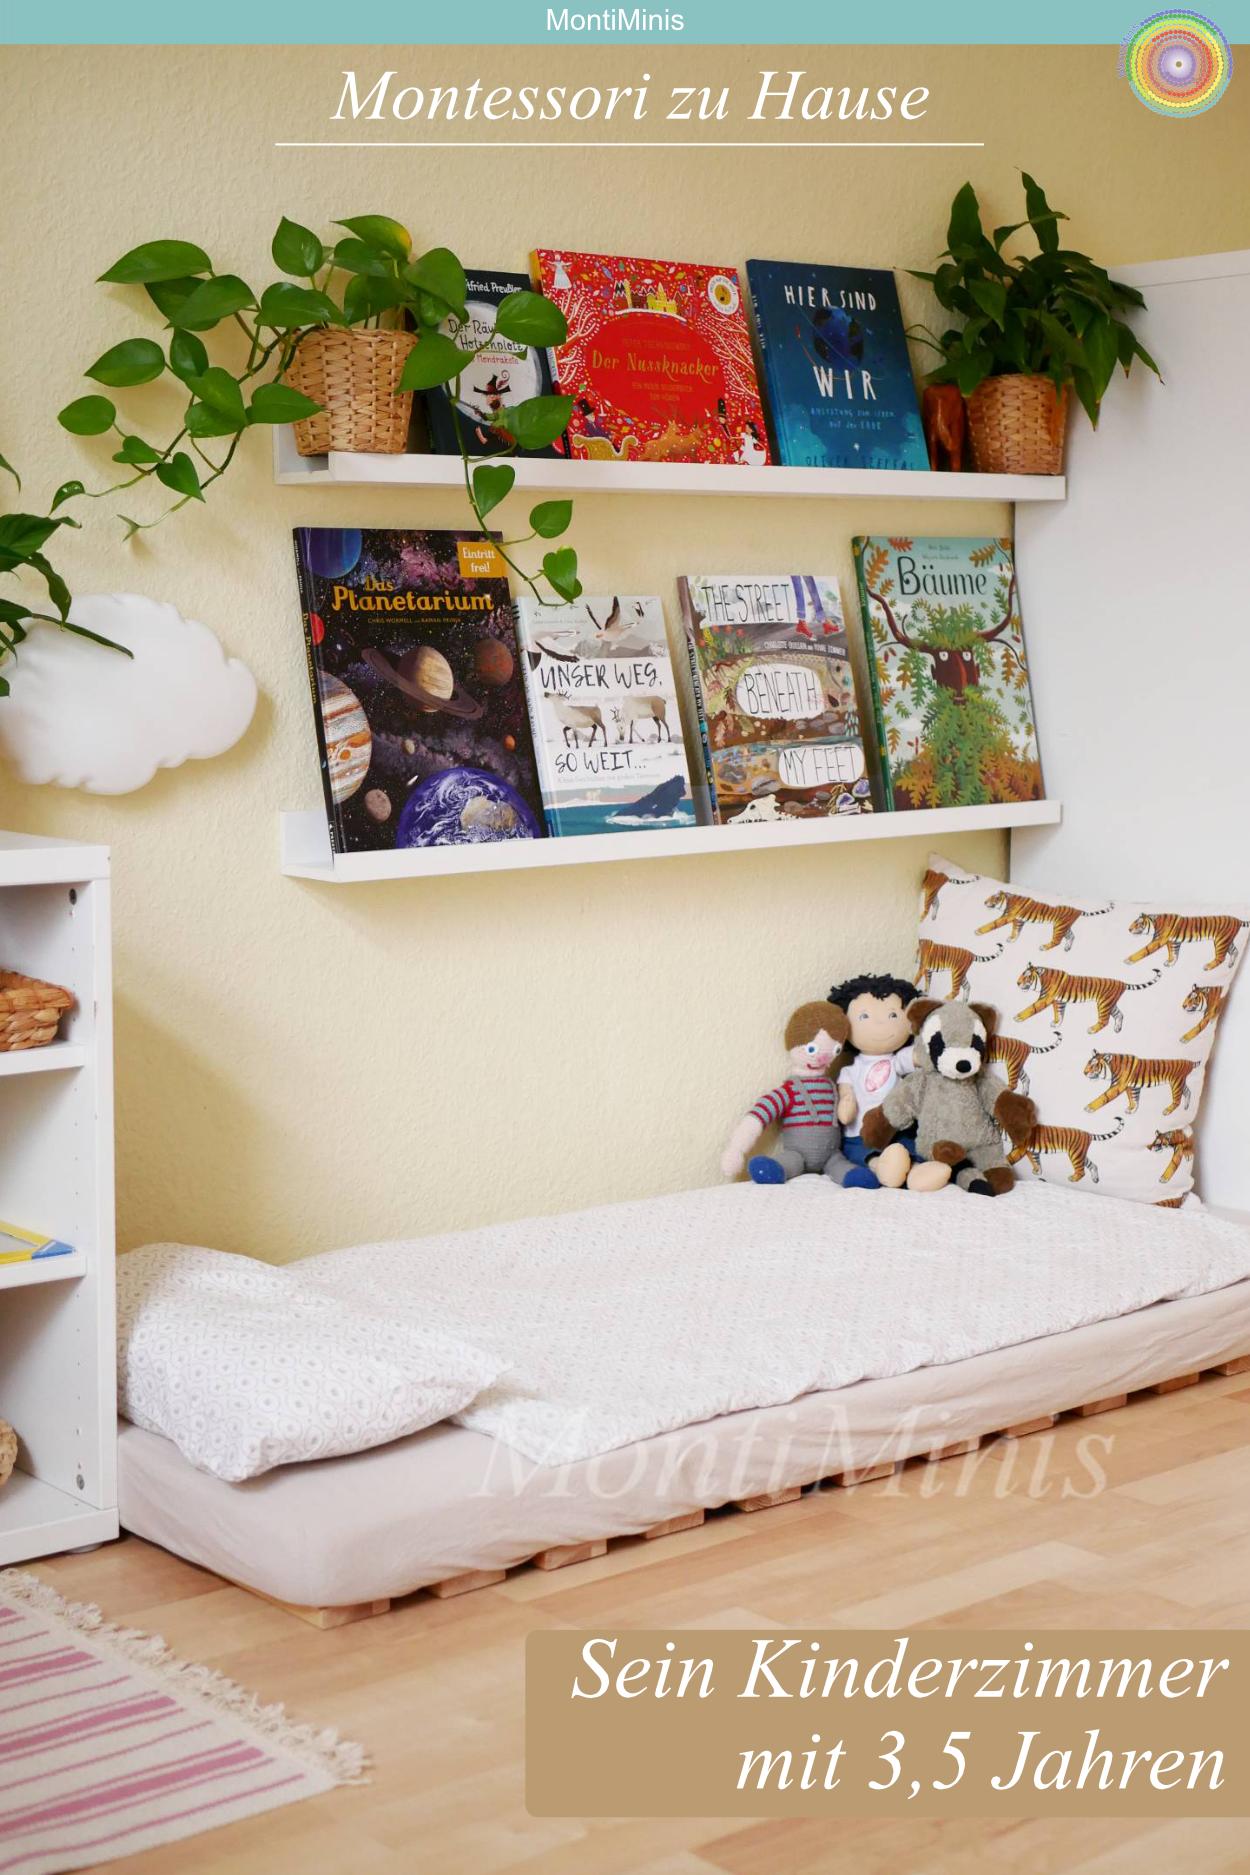 Sein MontessoriKinderzimmer im Alter von 3,5 Jahren in